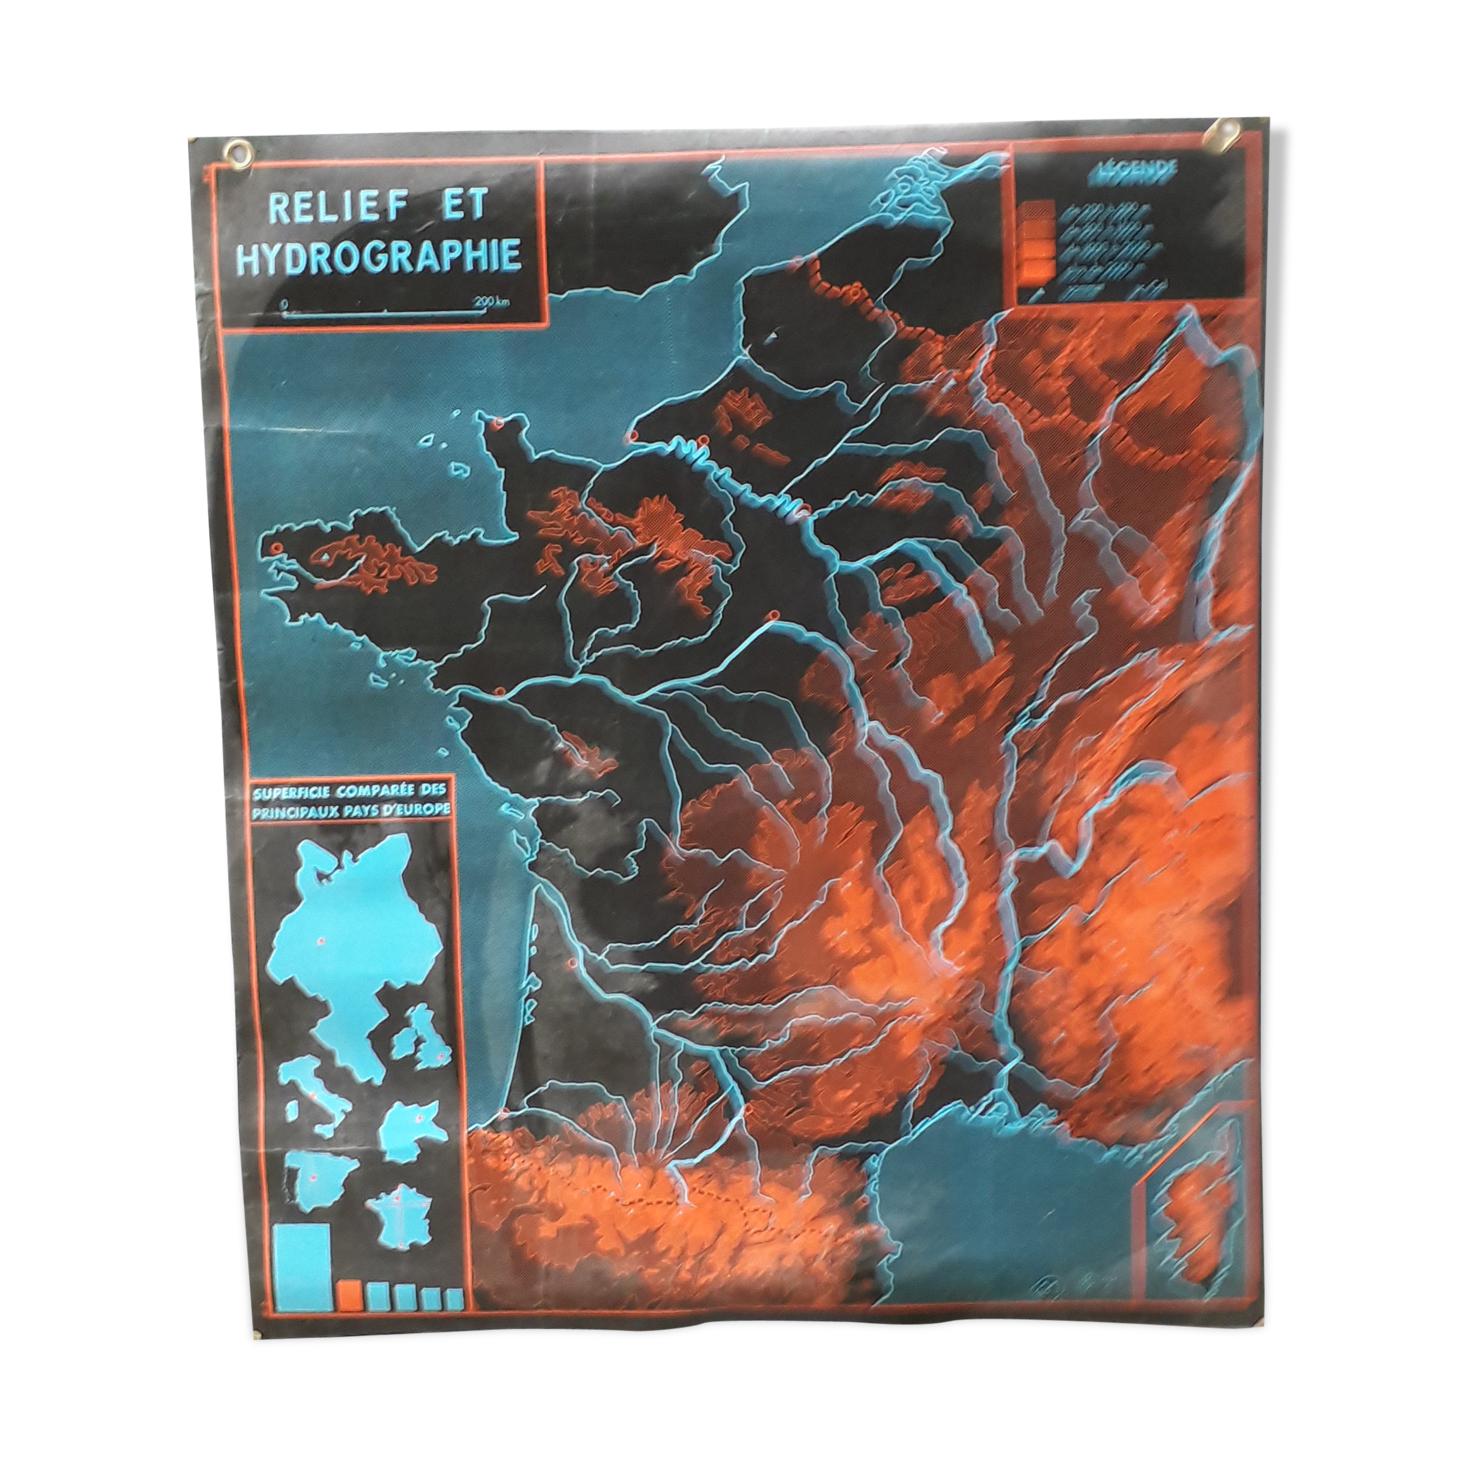 Affiche scolaire mdi 1964 contours de la France, relief et hydrographie